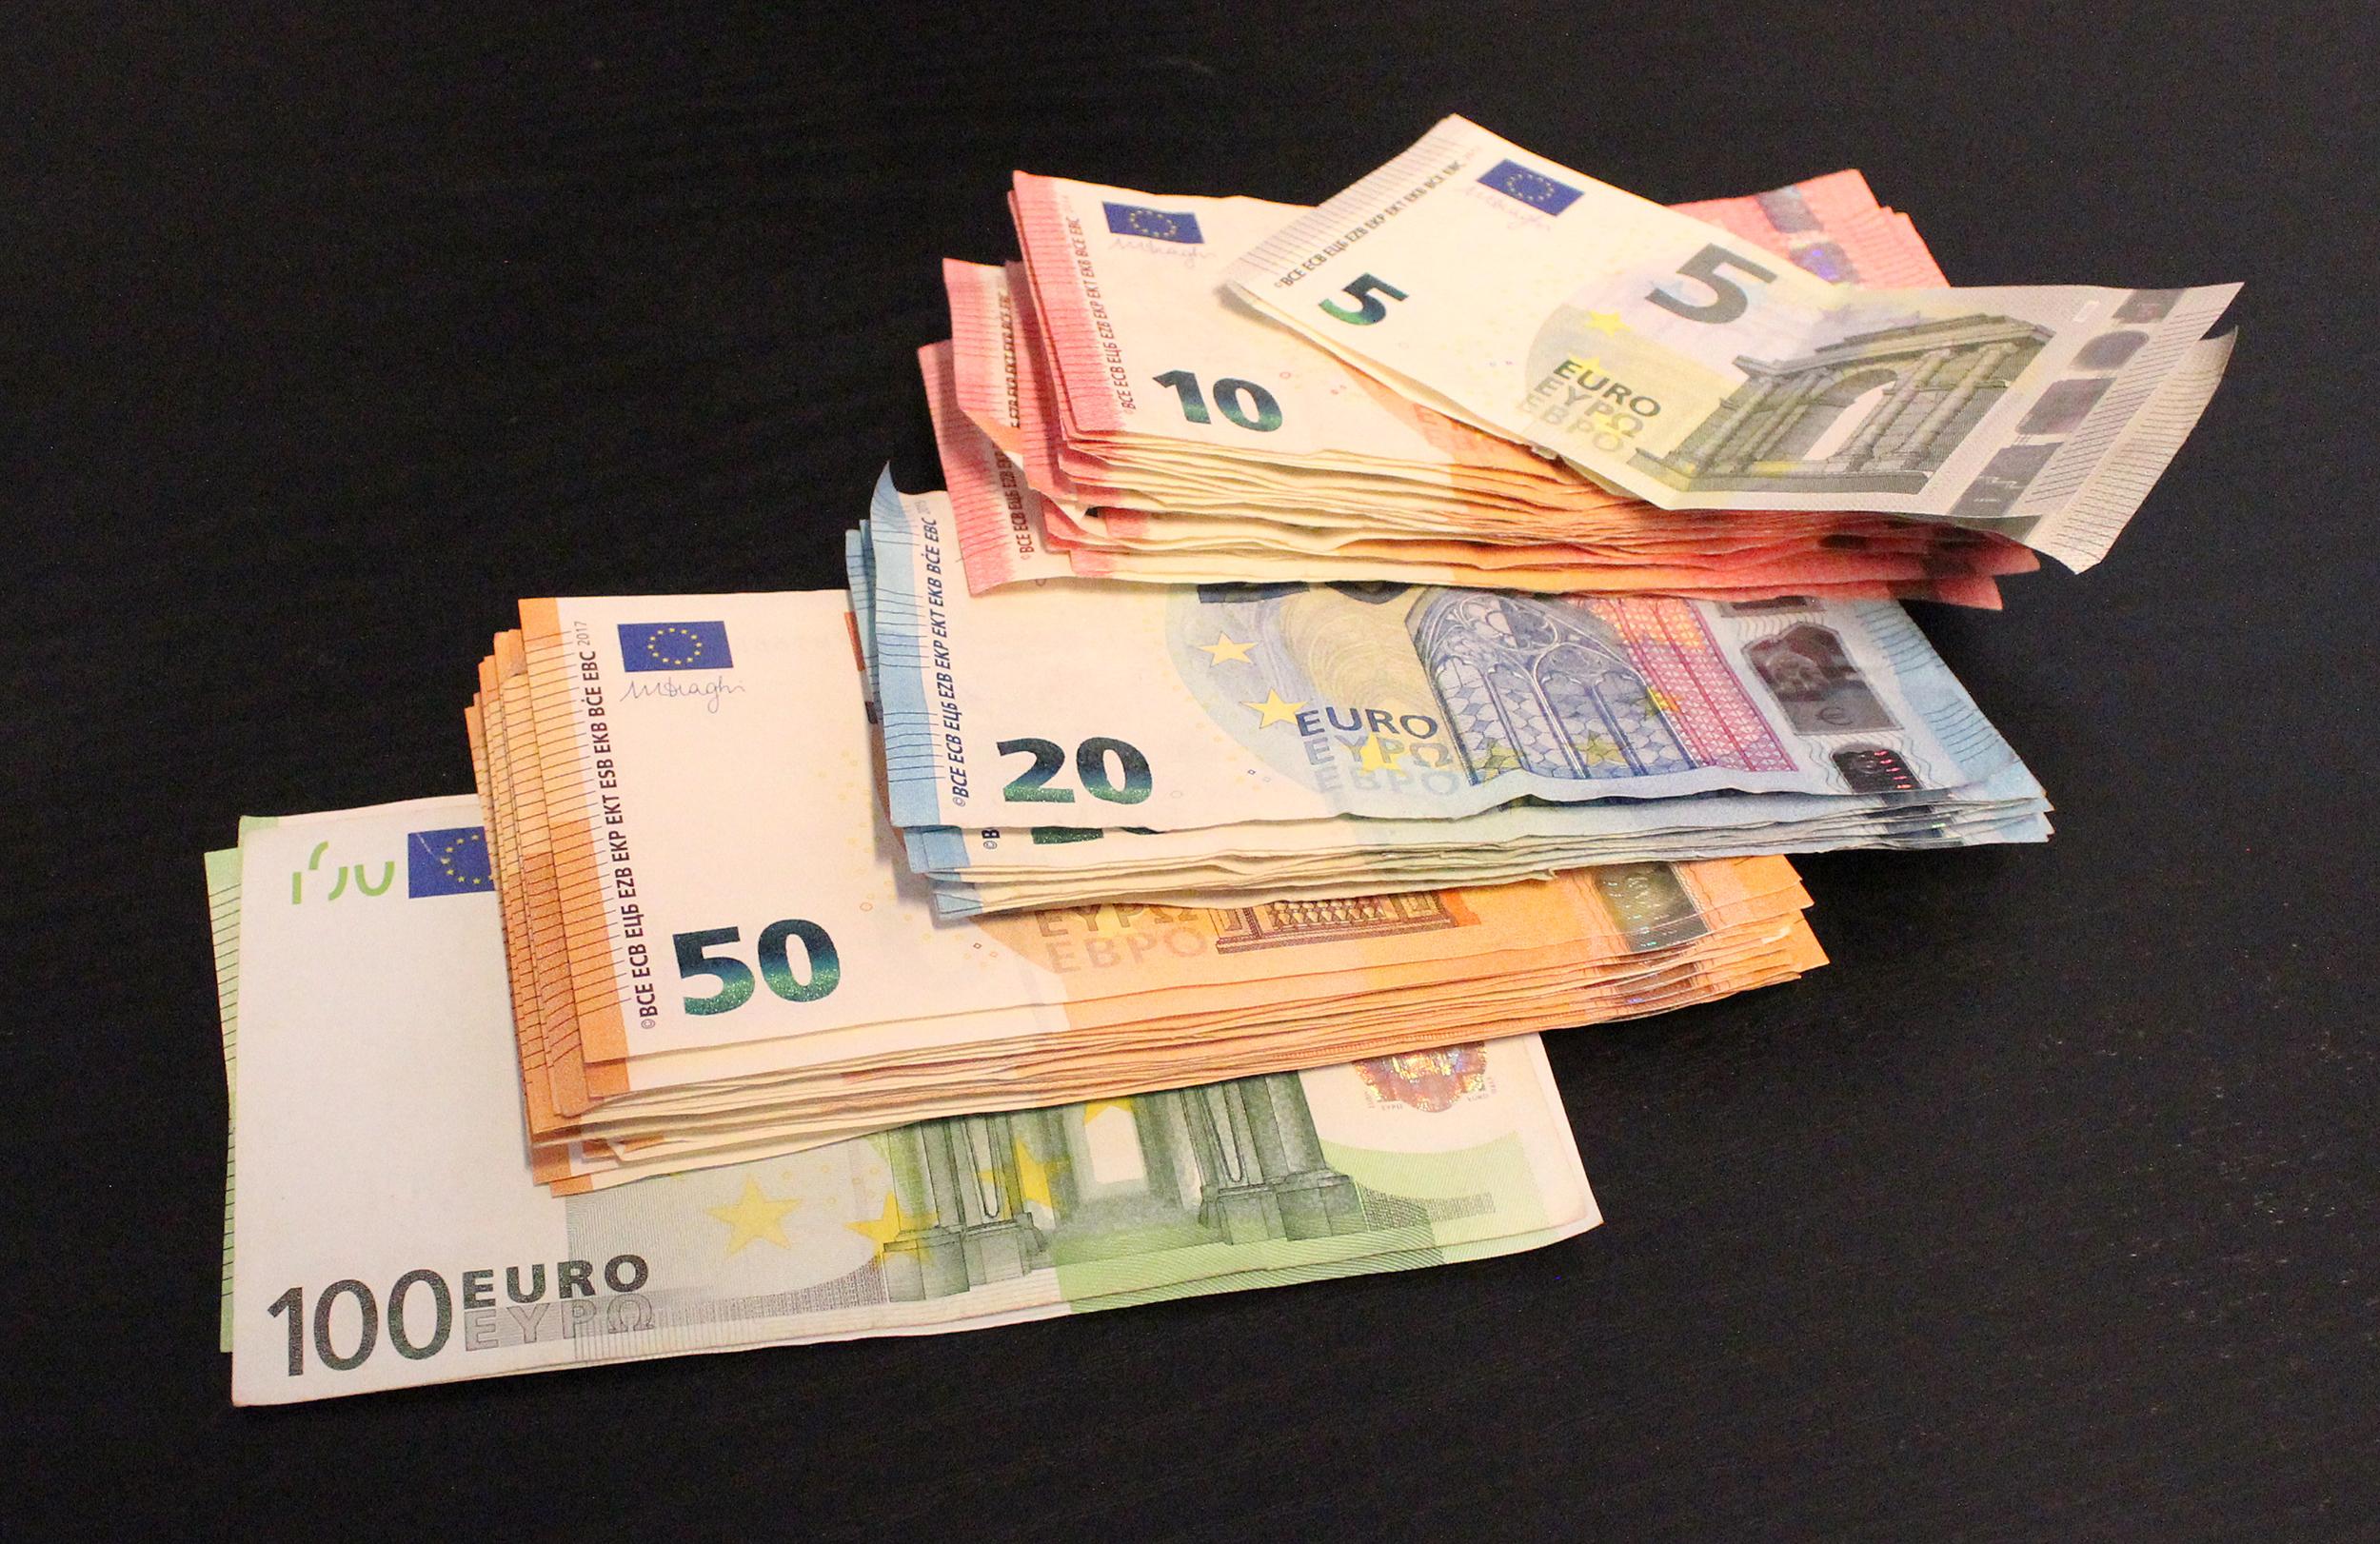 Lempäälän valtionosuudet vähenevät edellisvuodesta viisi miljoonaa euroa